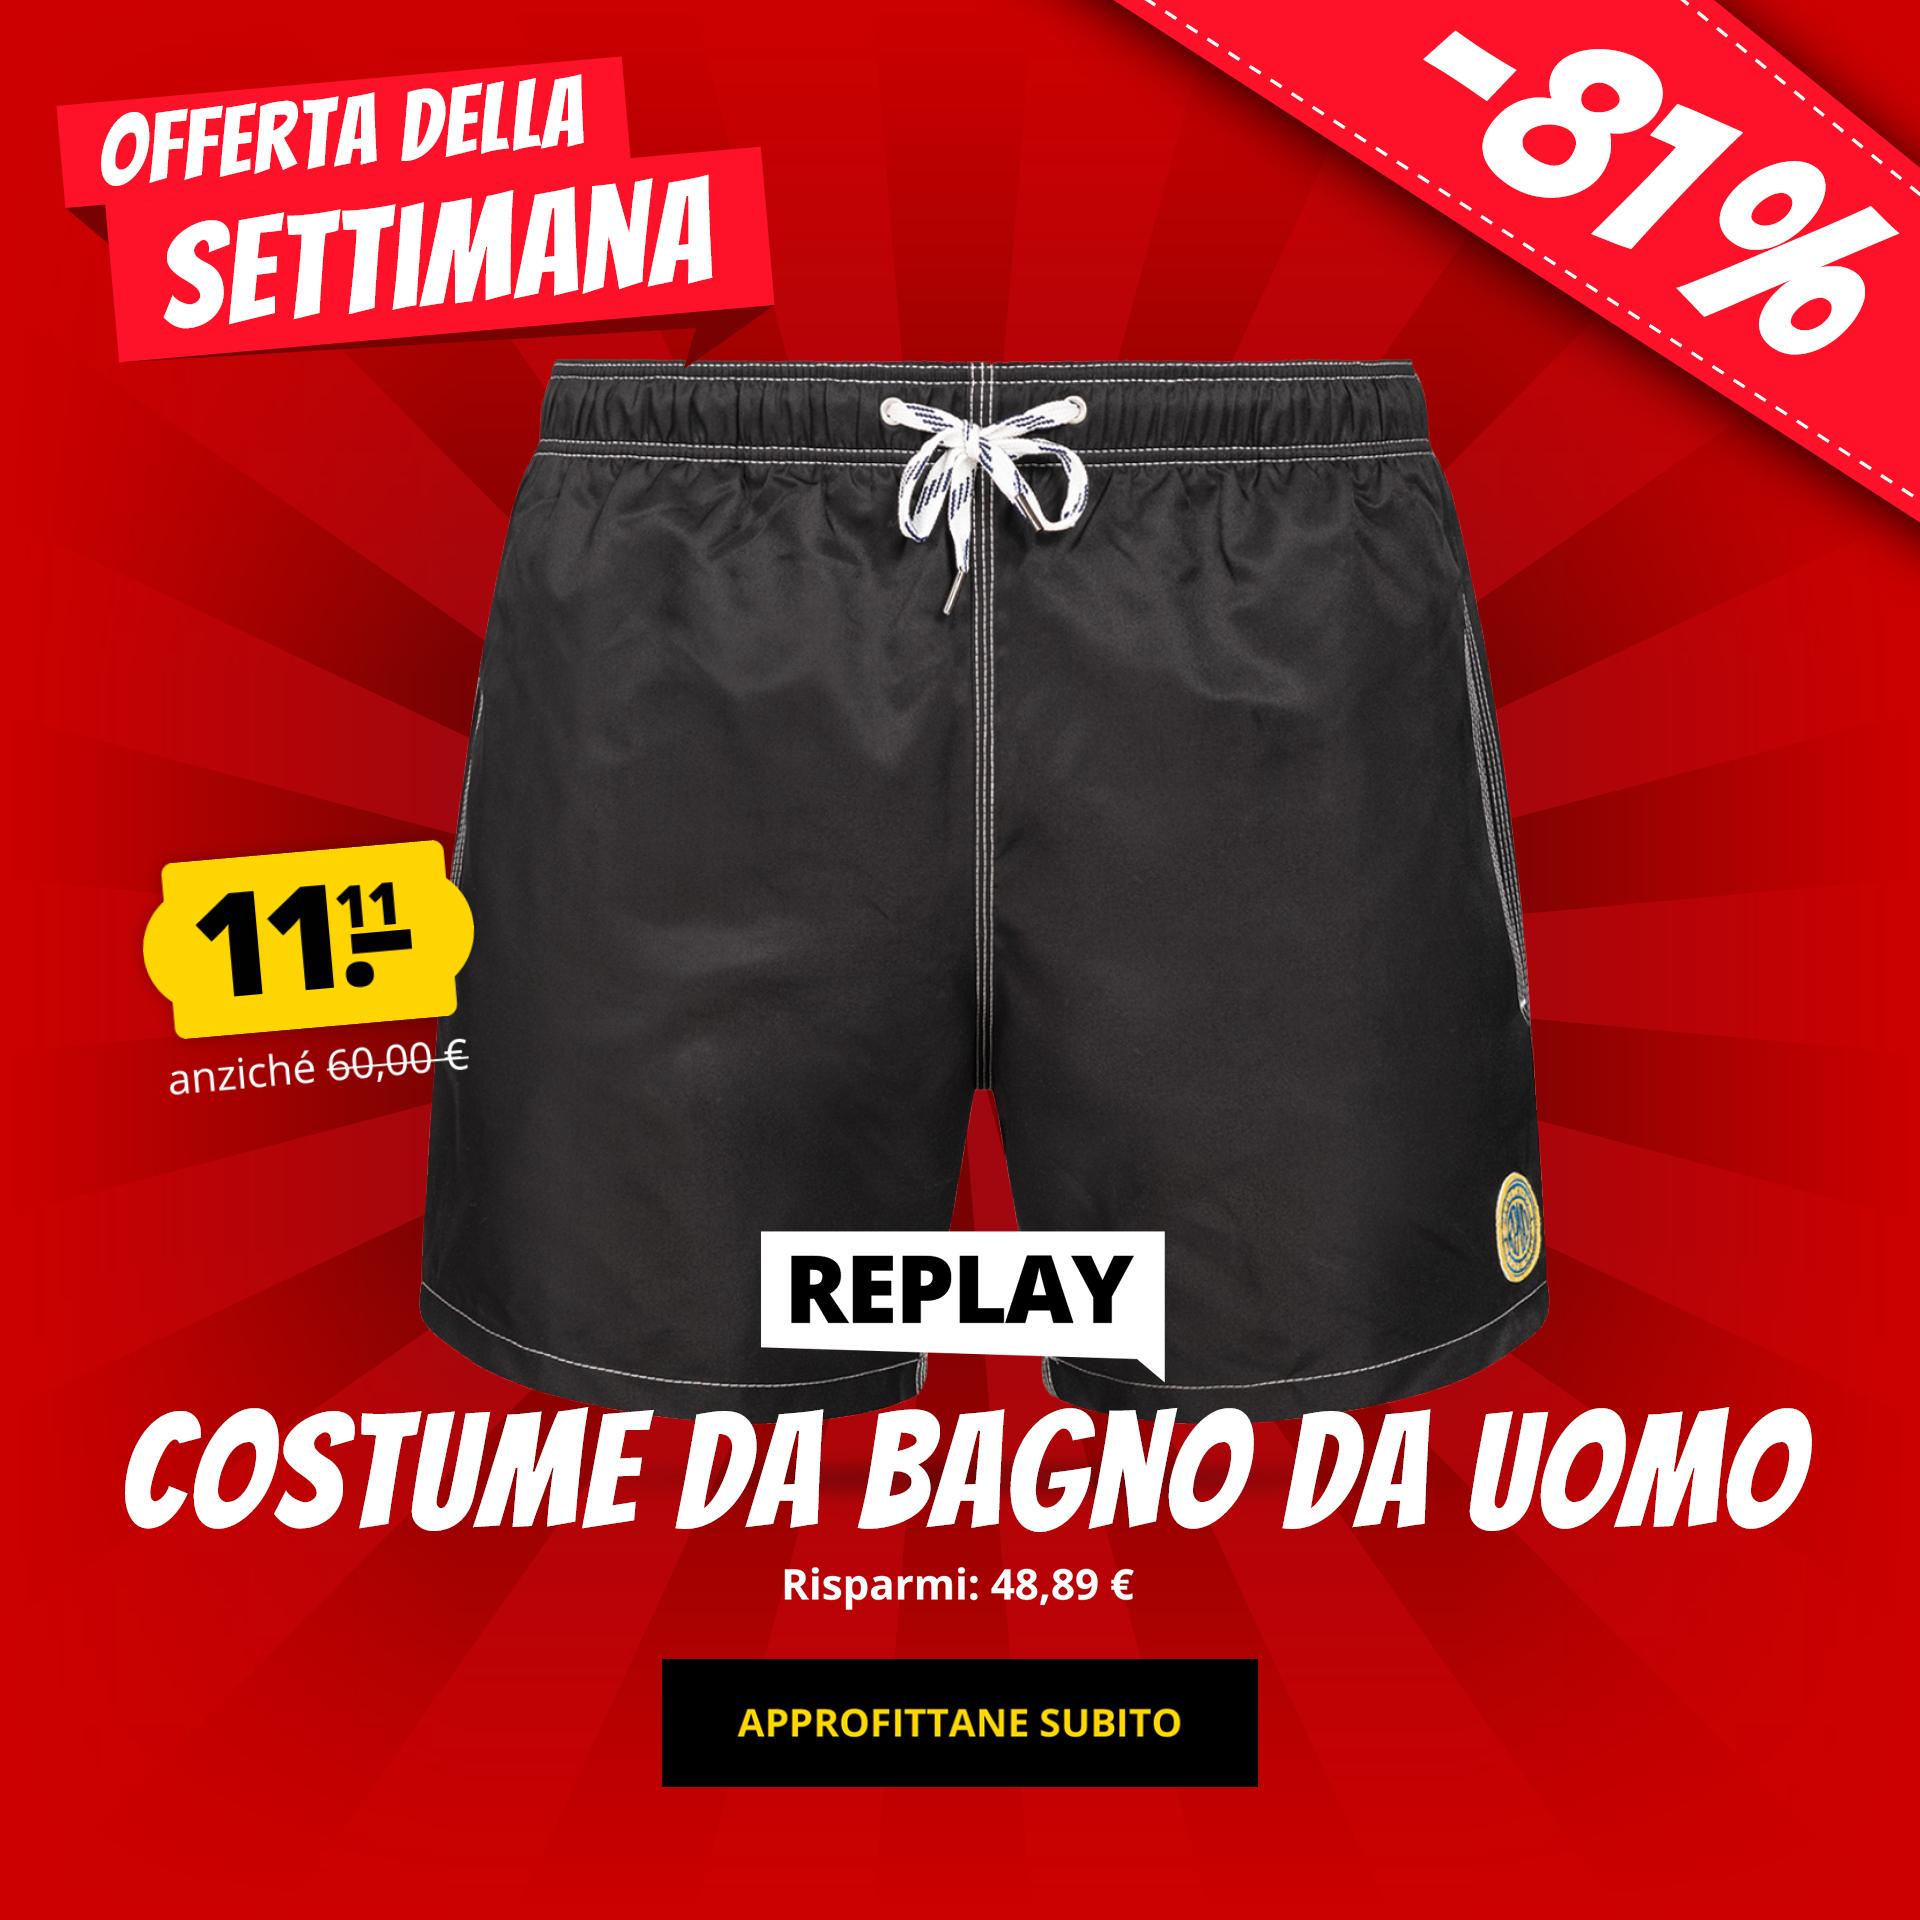 REPLAY Costume da bagno da uomo solo 11,11 €